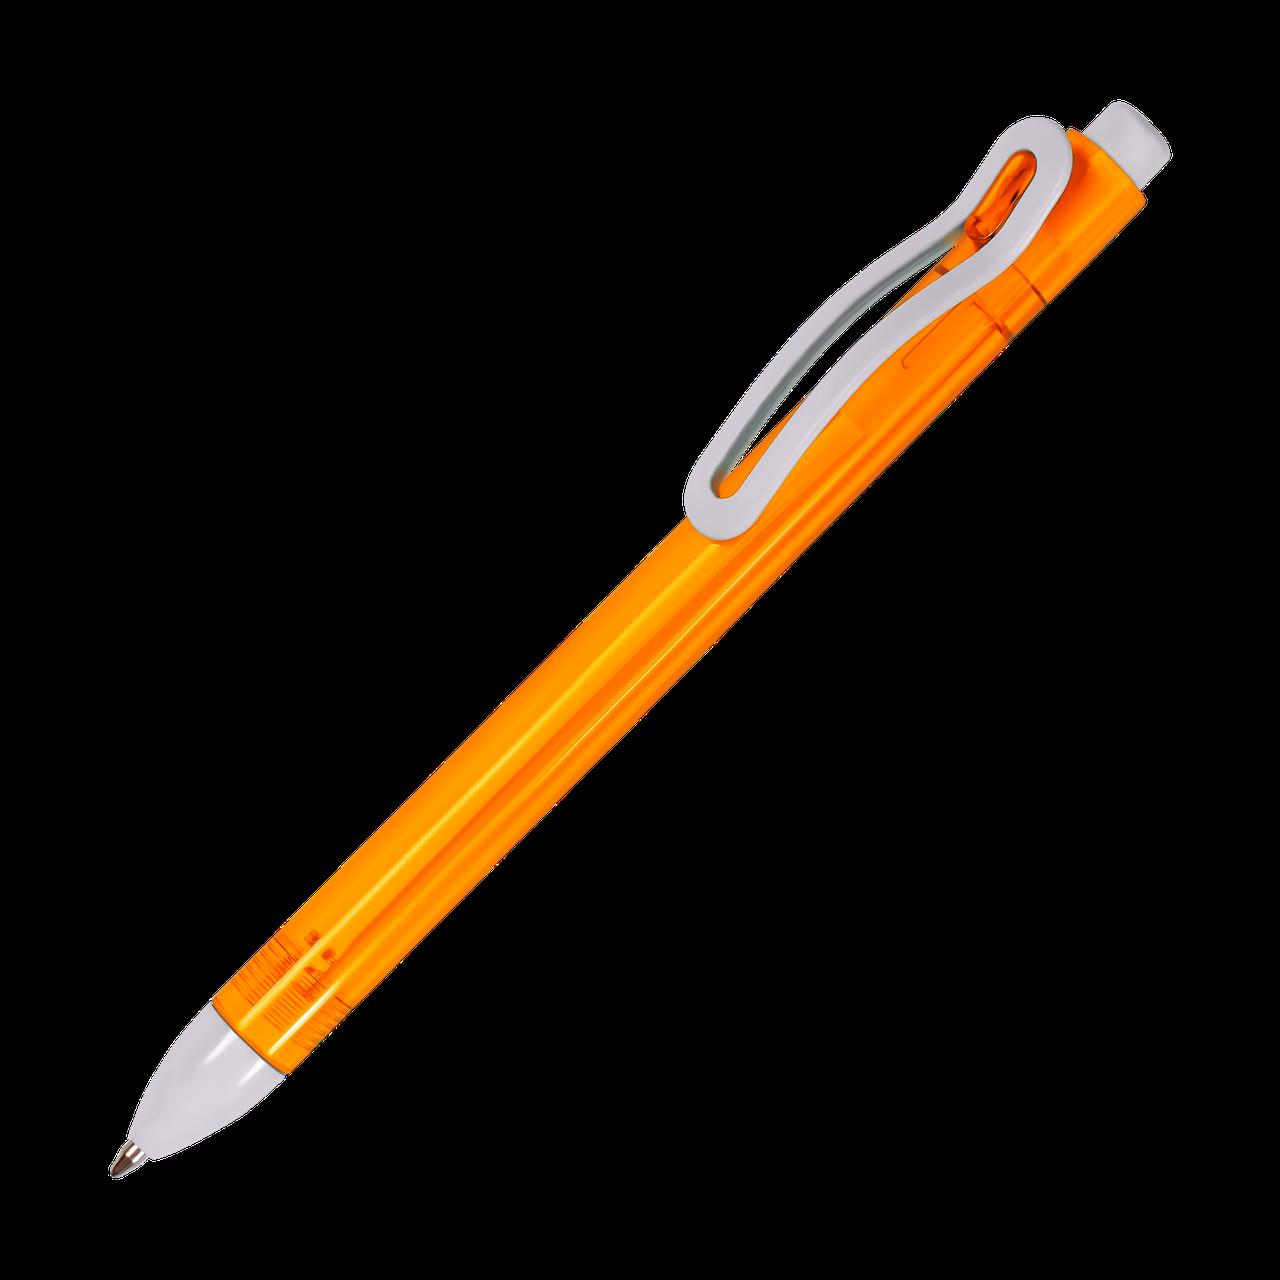 Шариковая ручка PARMA. Пластик. 7 цветов.